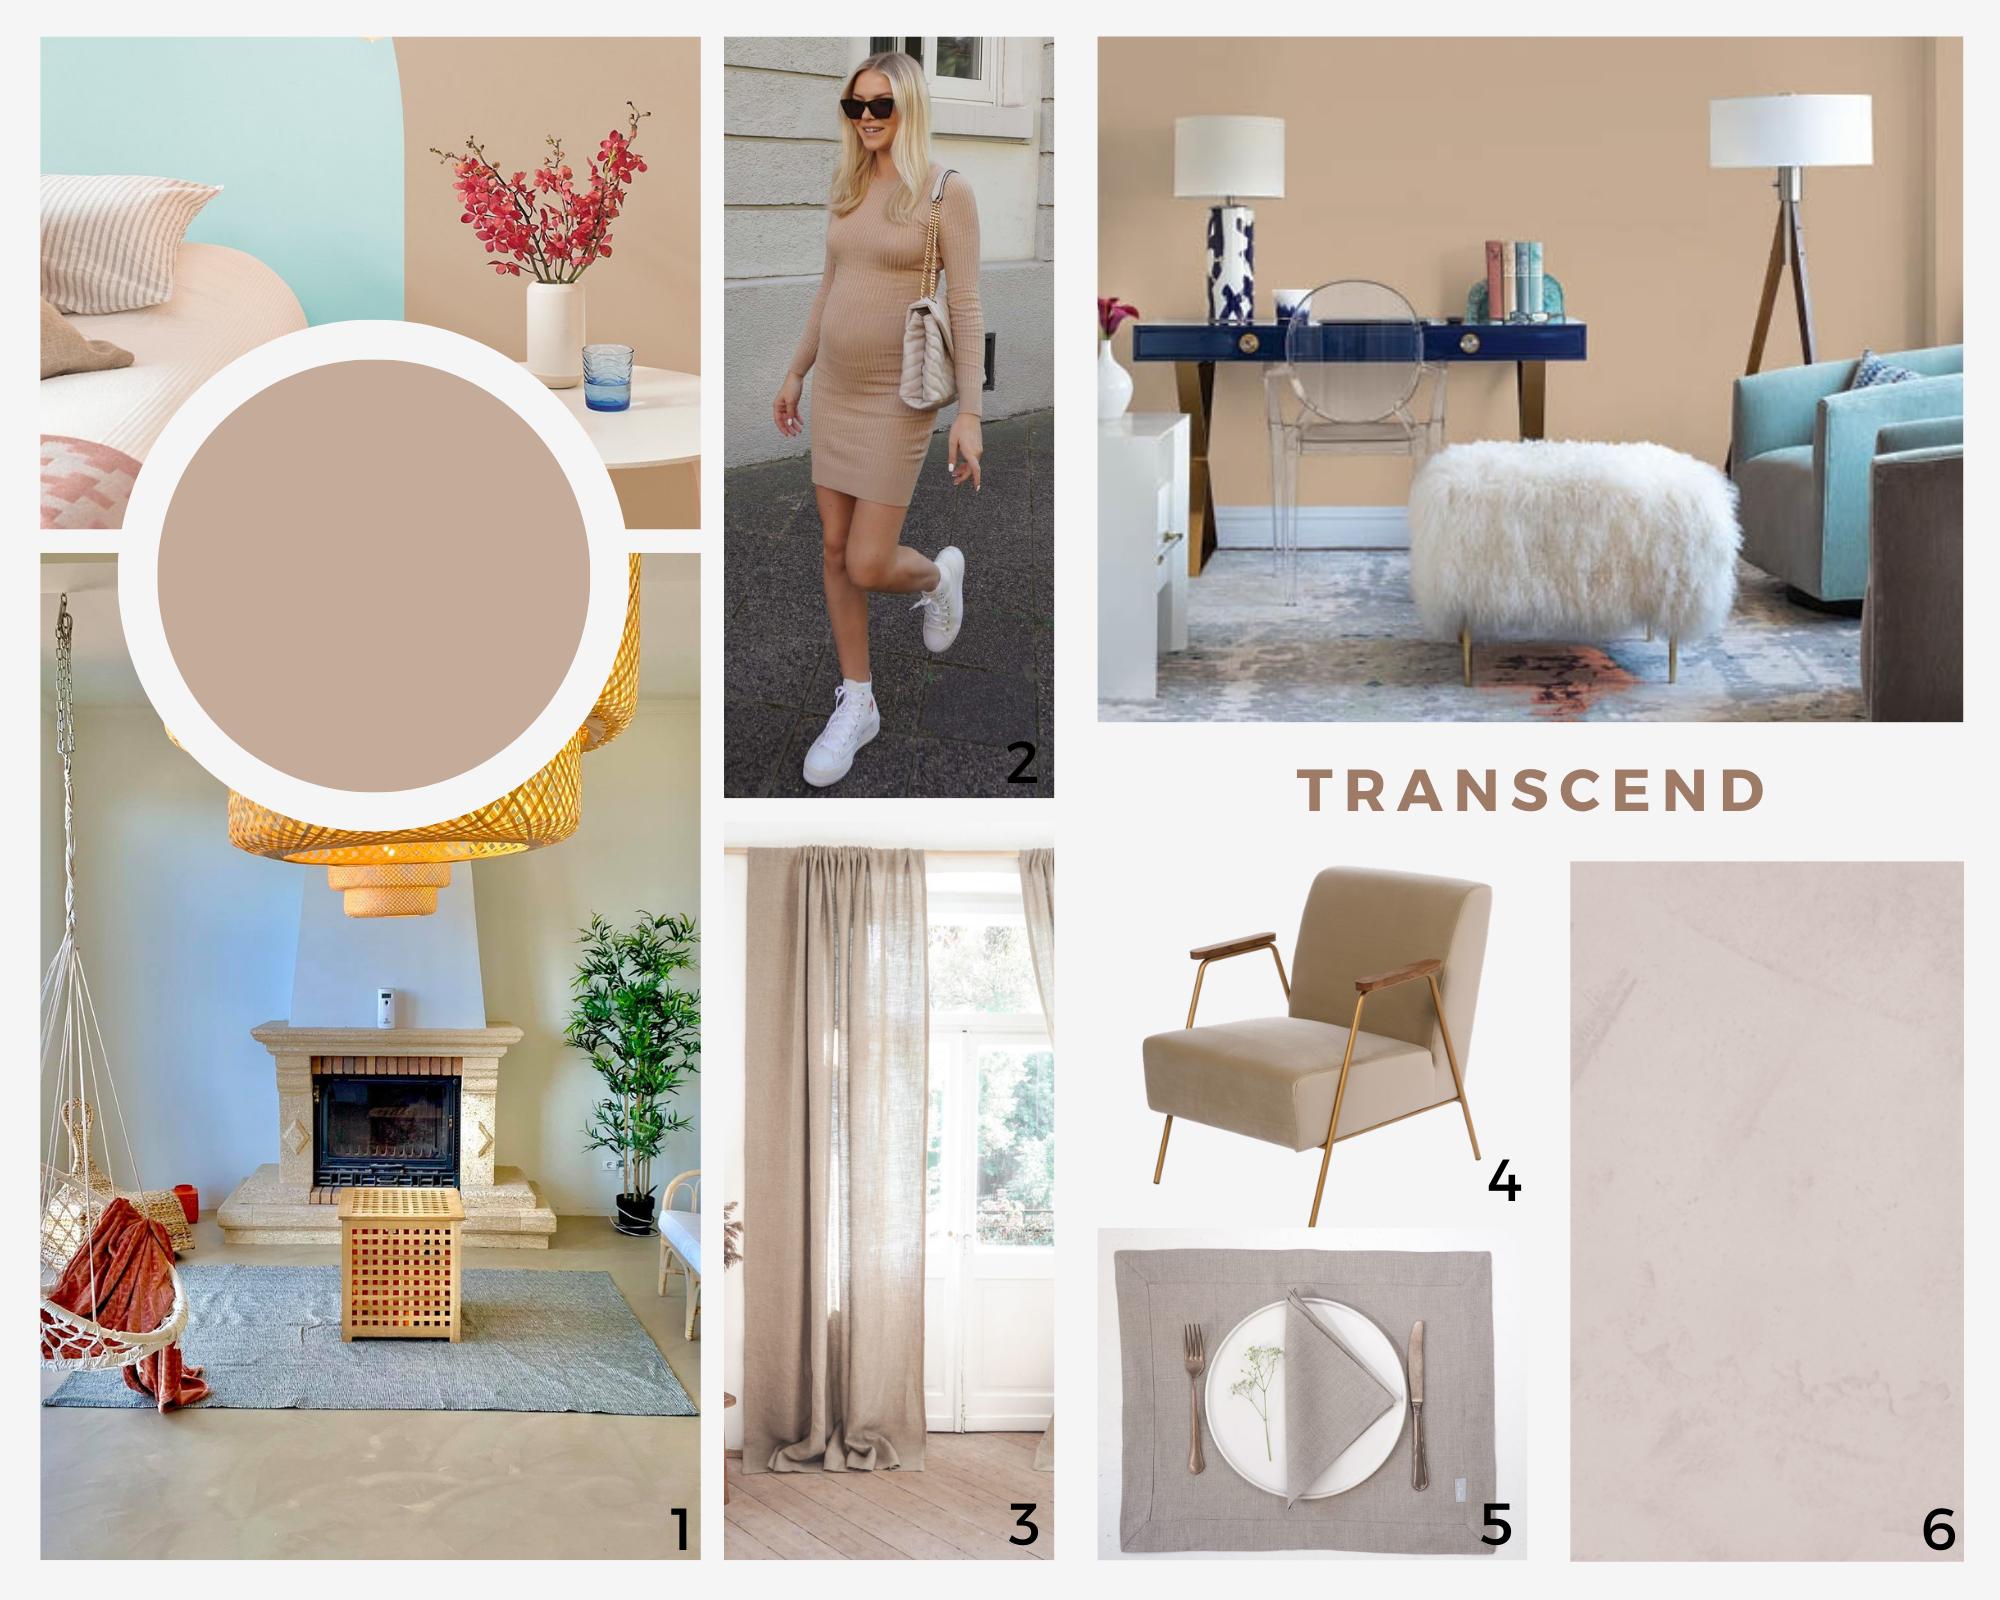 kolory roku 2021 - trendy - PPG - Transcend